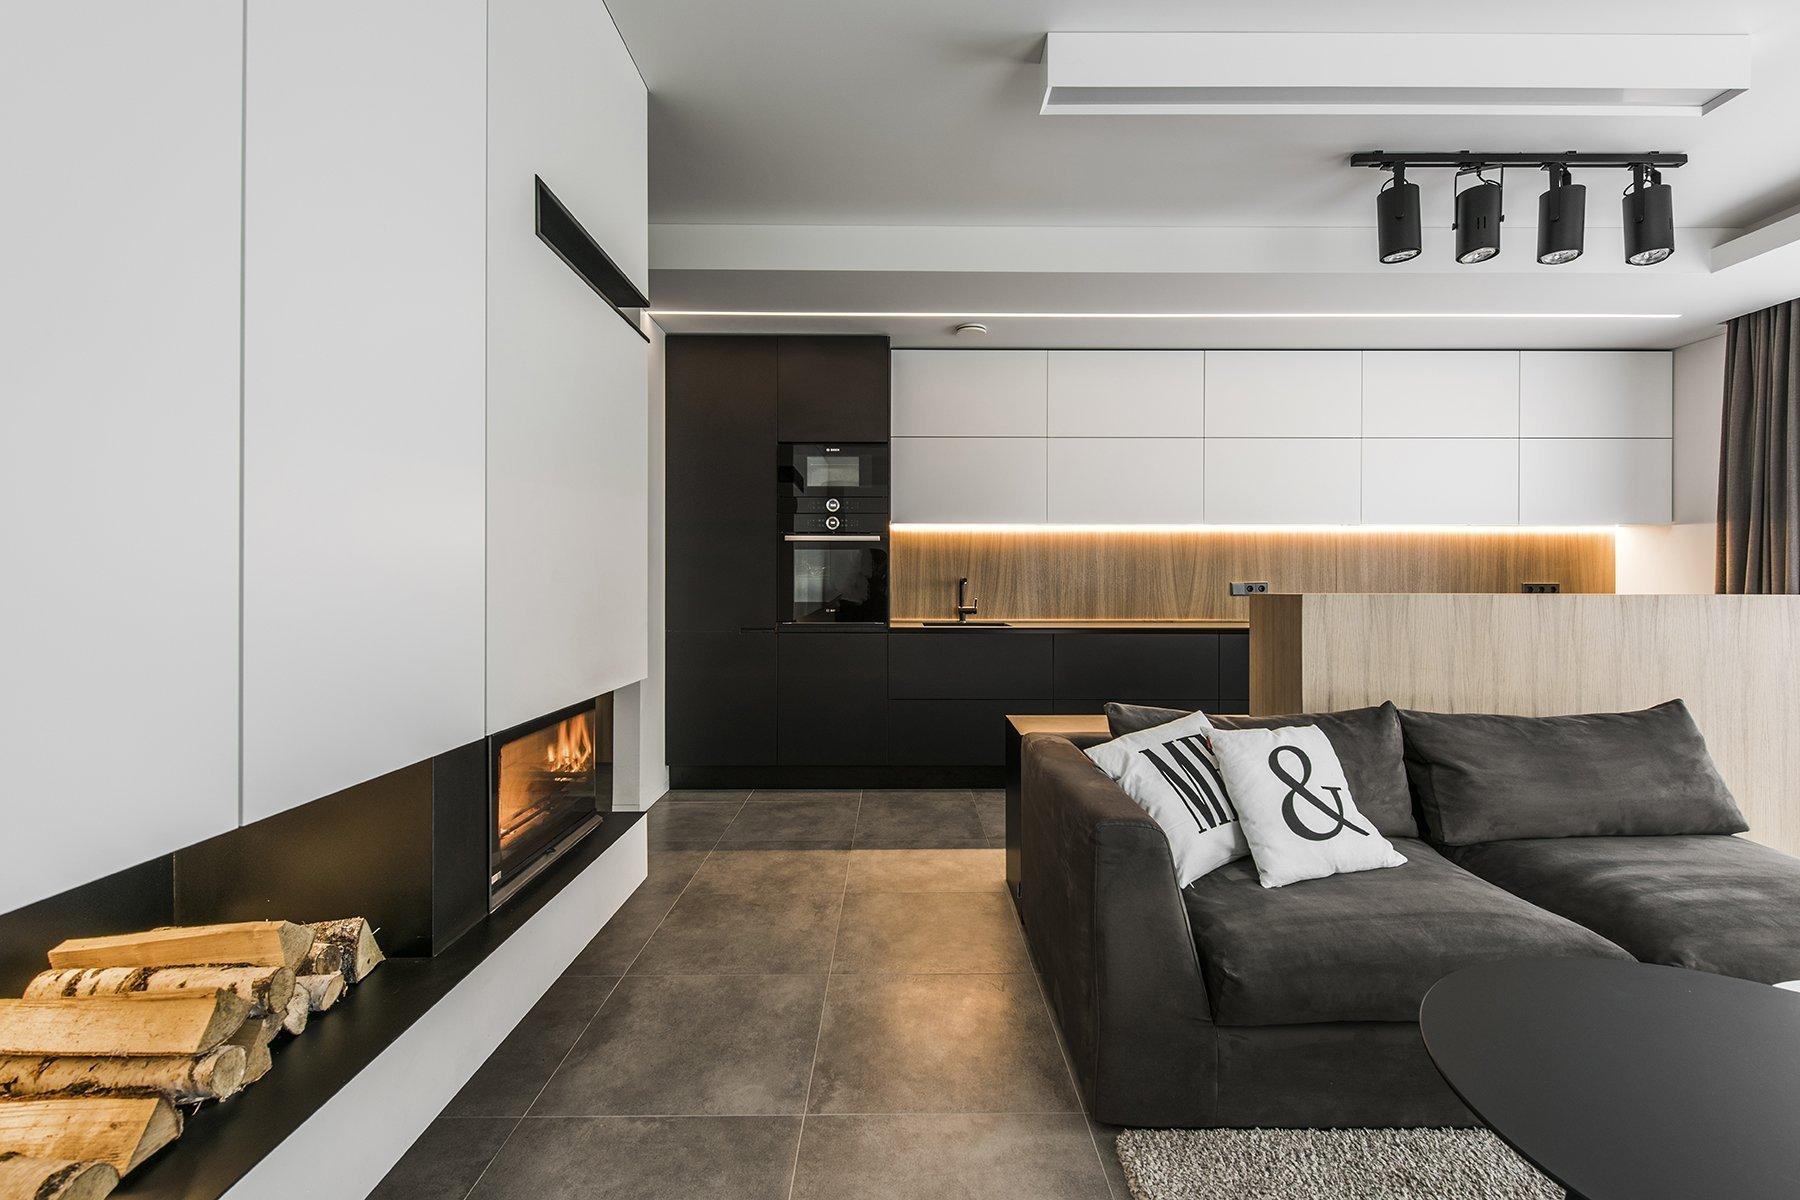 Každý moderní interiér může vypadat trochu jinak. Různé barvy, tvary, použité materiály, doplňky nebo osvětlení. Něco mají všechny moderní interiéry společné. Tím je využití technologie vestavěných spotřebičů, jednoduché tvary a linie a je kladen důraz na funkční využití celého prostoru. Ne vždy se ale vše povede jak má a design někdy převálcuje praktickou stránku návrhu. Posuďte sami.